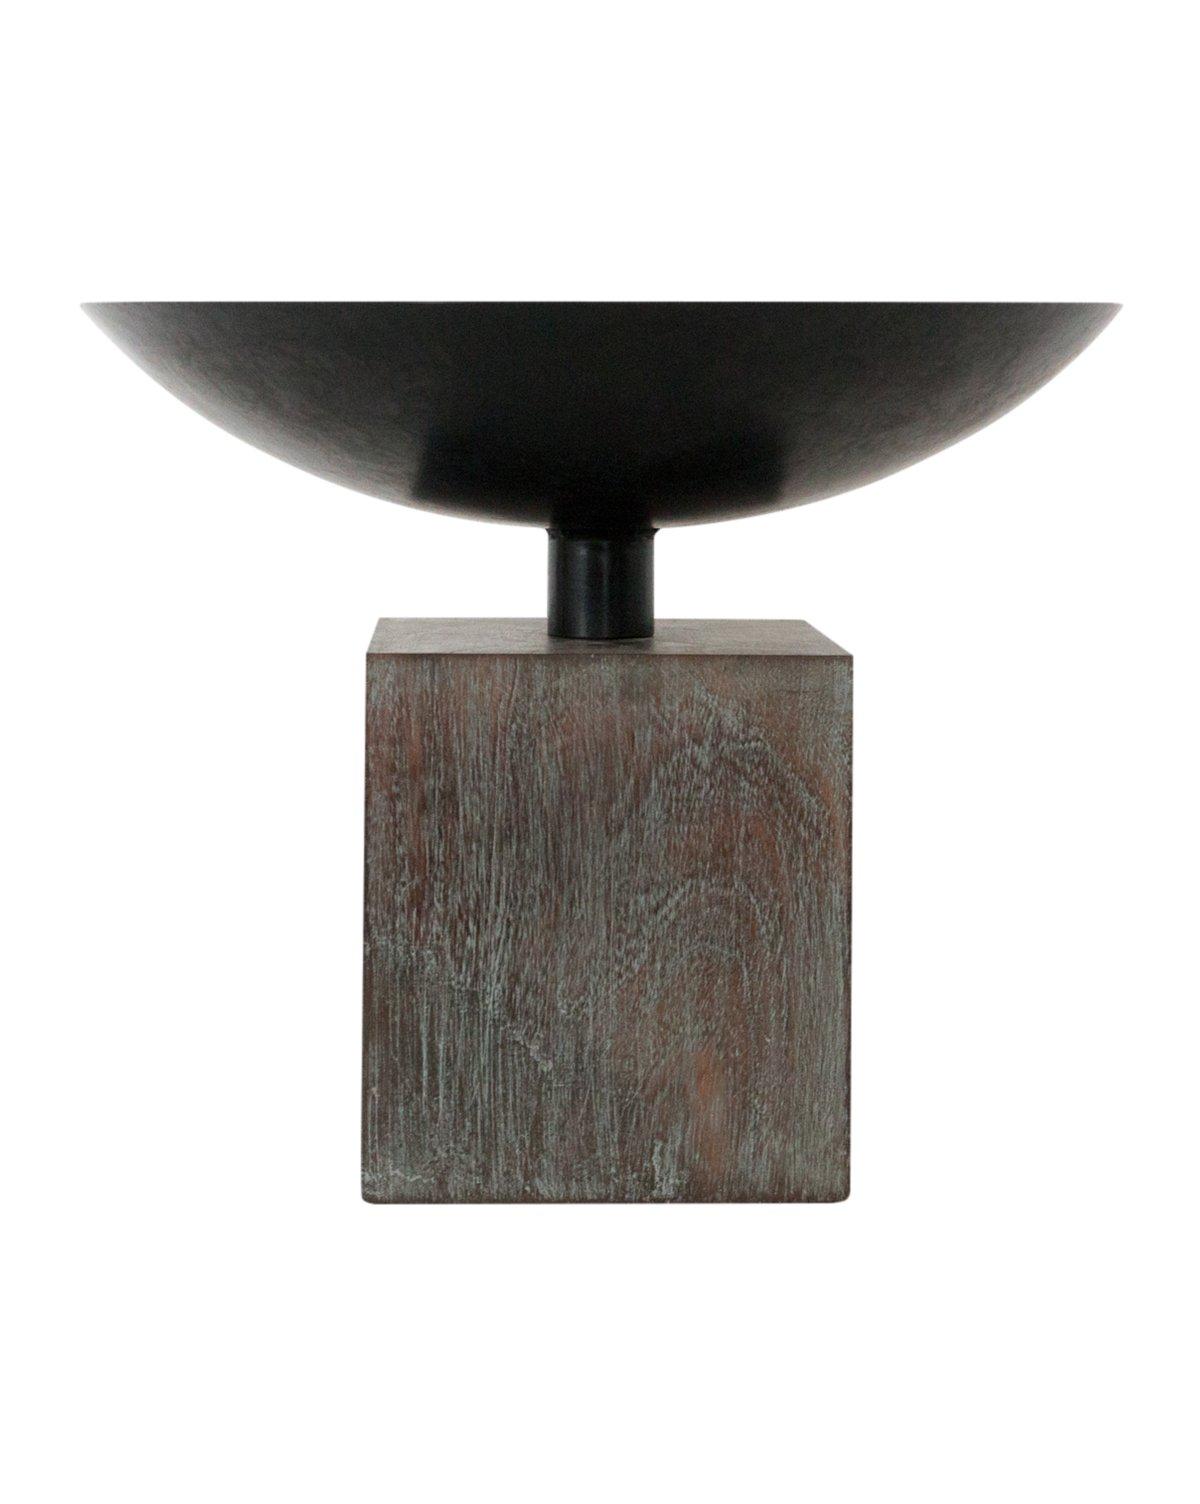 Iron_Wood_Pedestal_Bowl_1.jpg